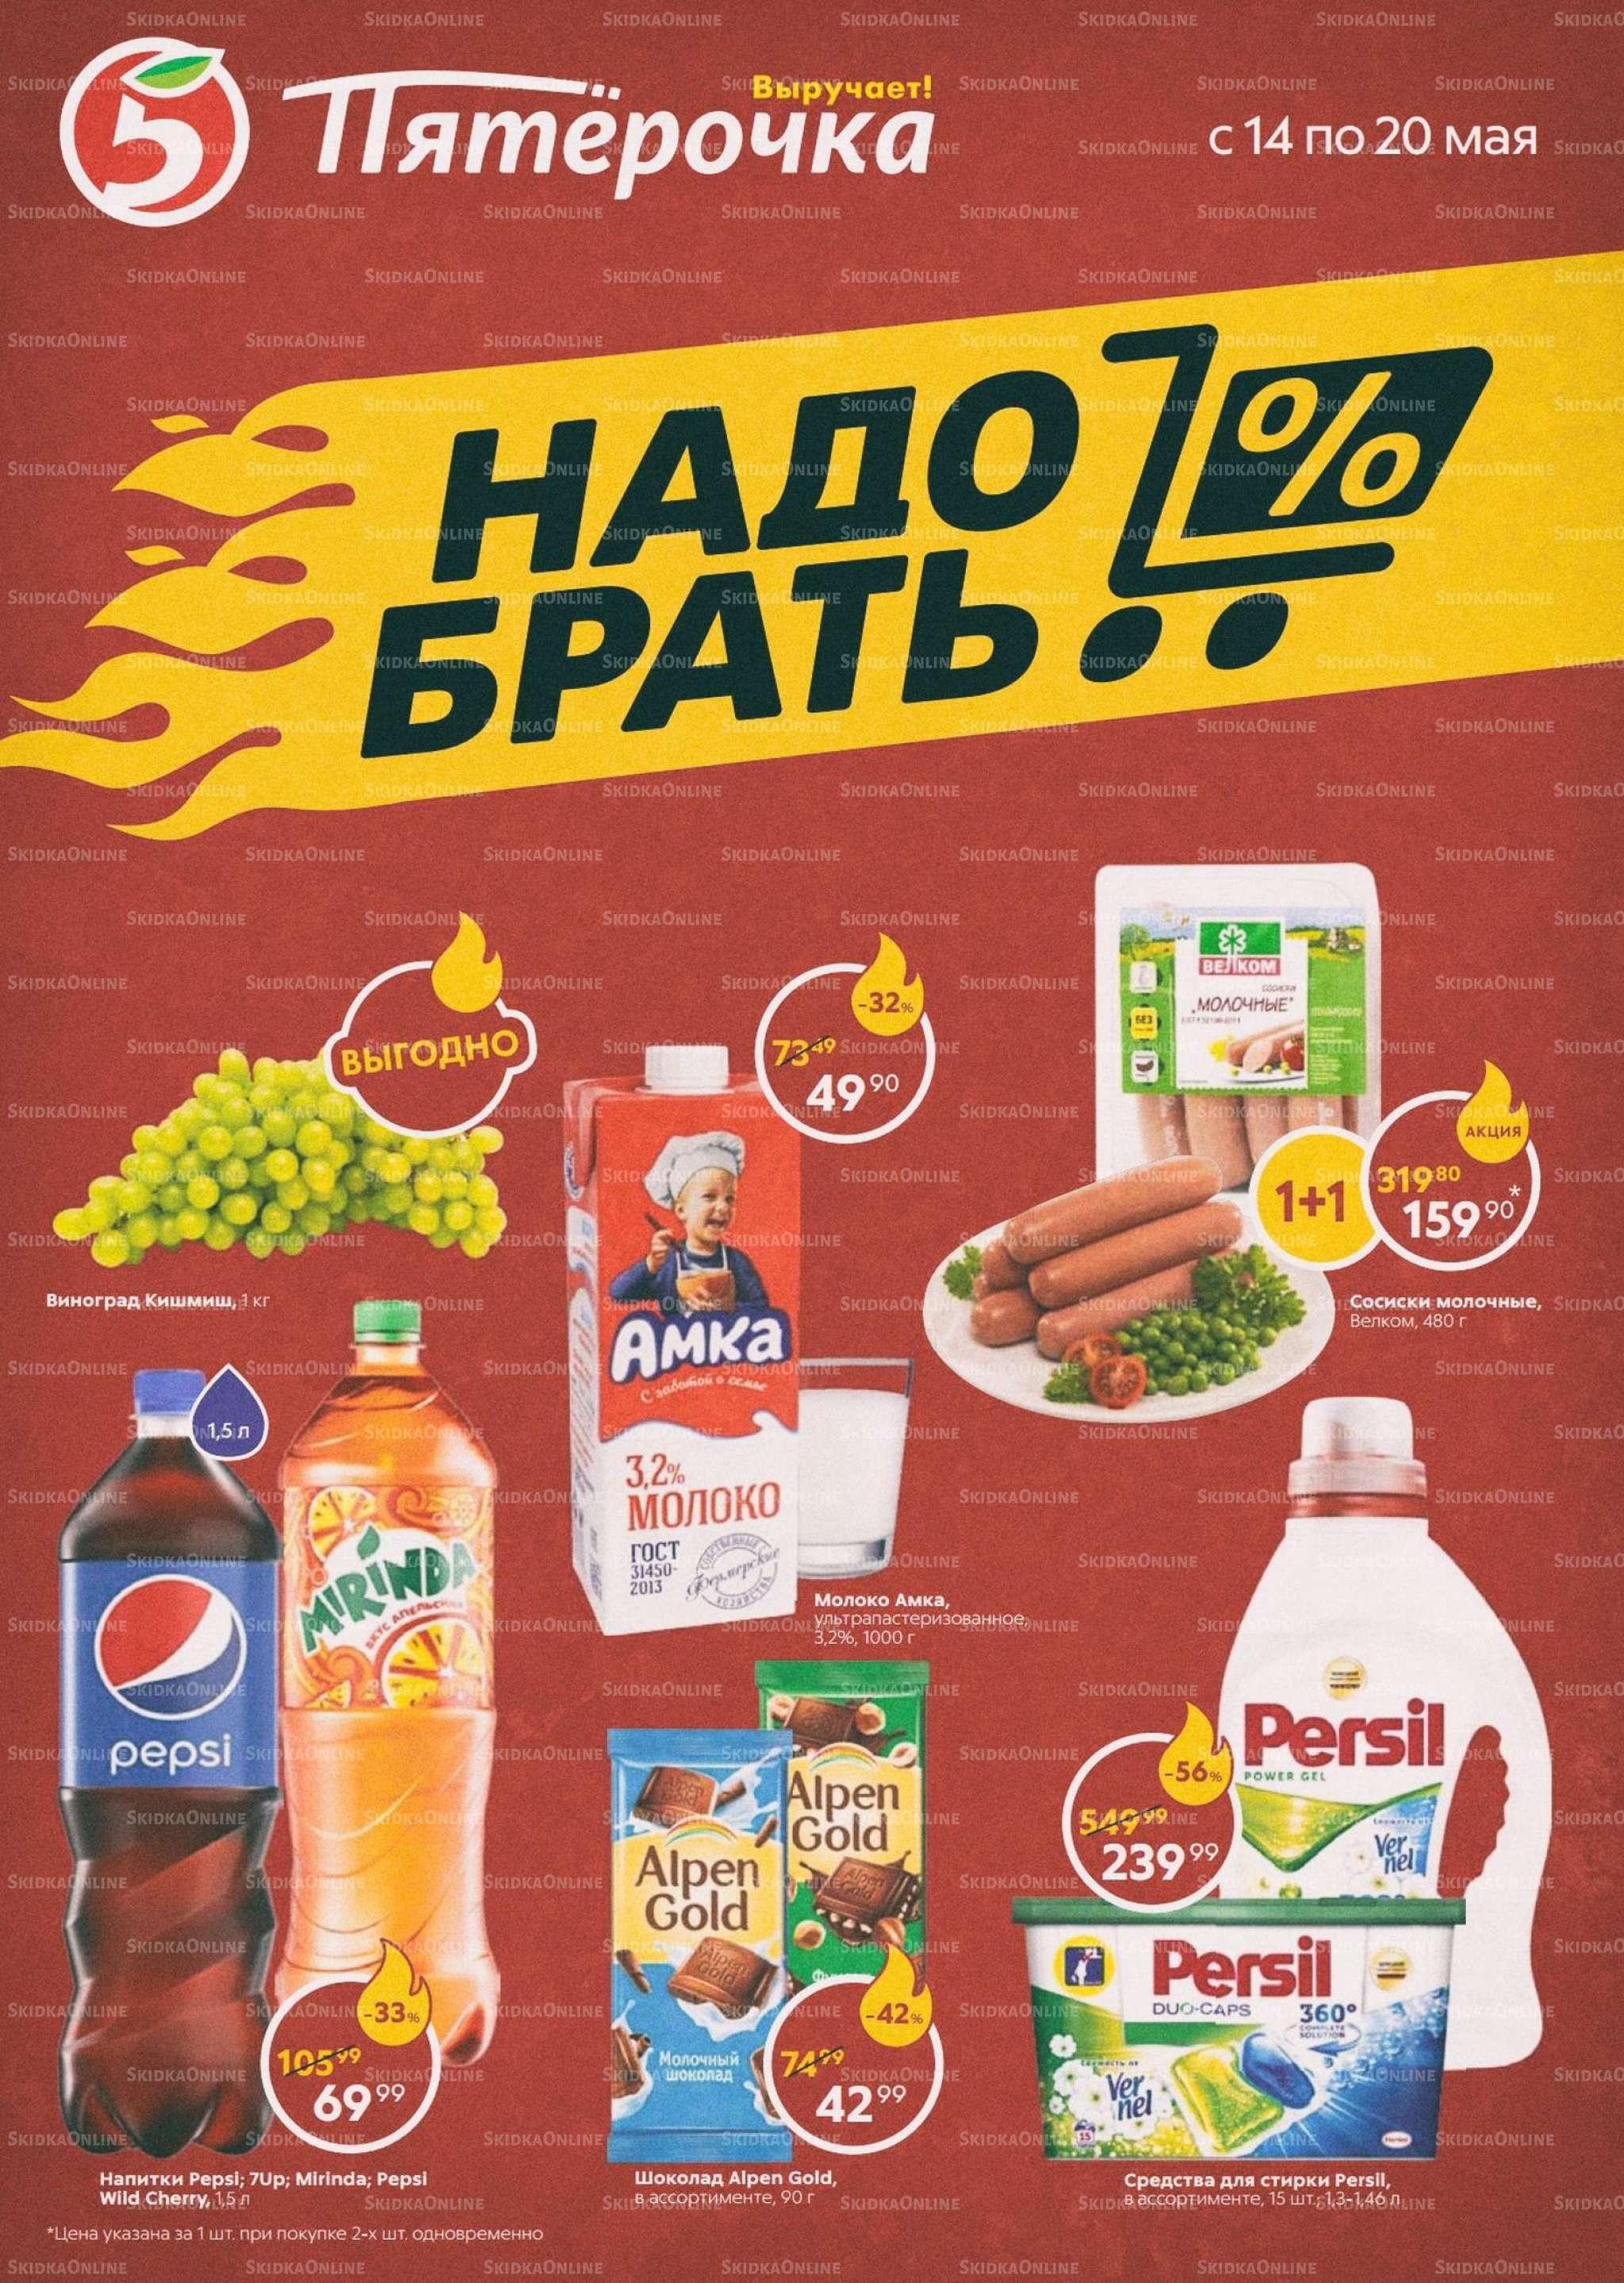 Акции в Пятёрочке с 14 по 20 мая 2019 года